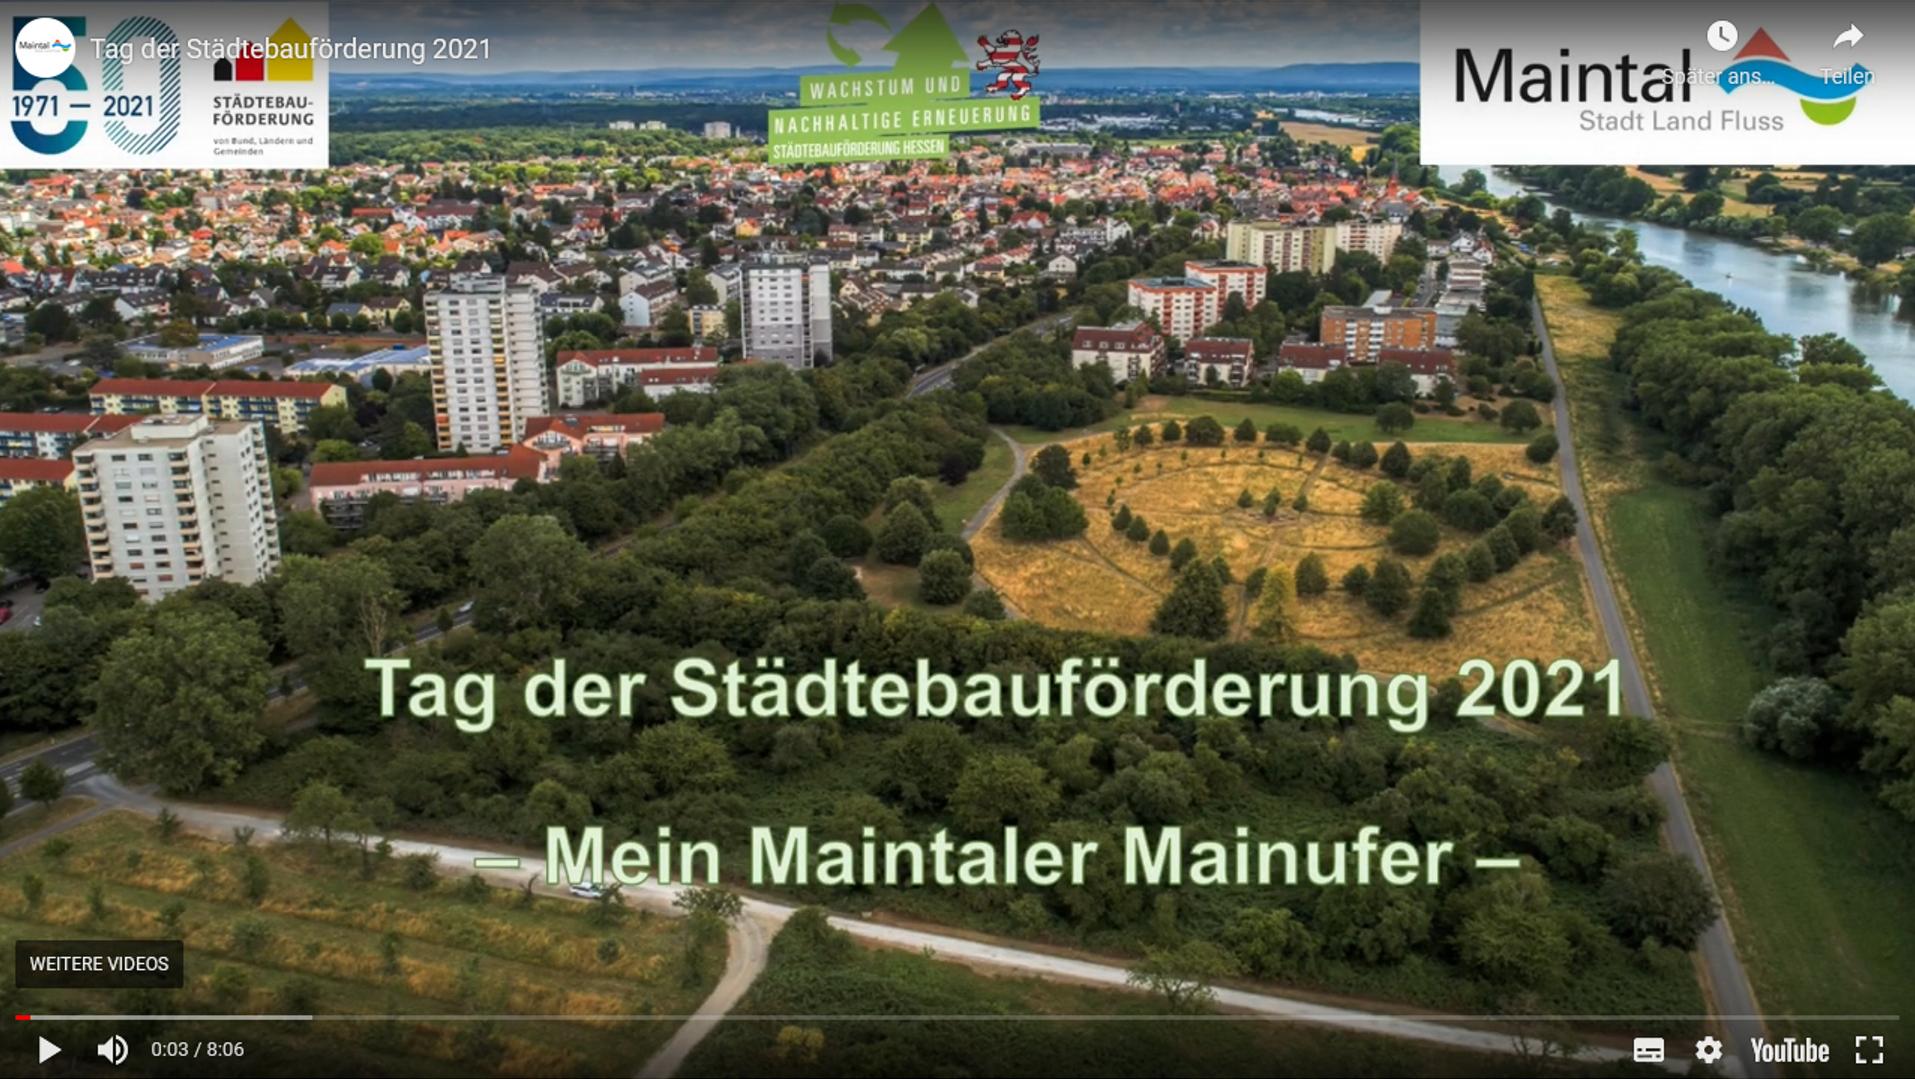 Video zum Tag der Städtebauförderung 2021 - Mein Maintaler Mainufer